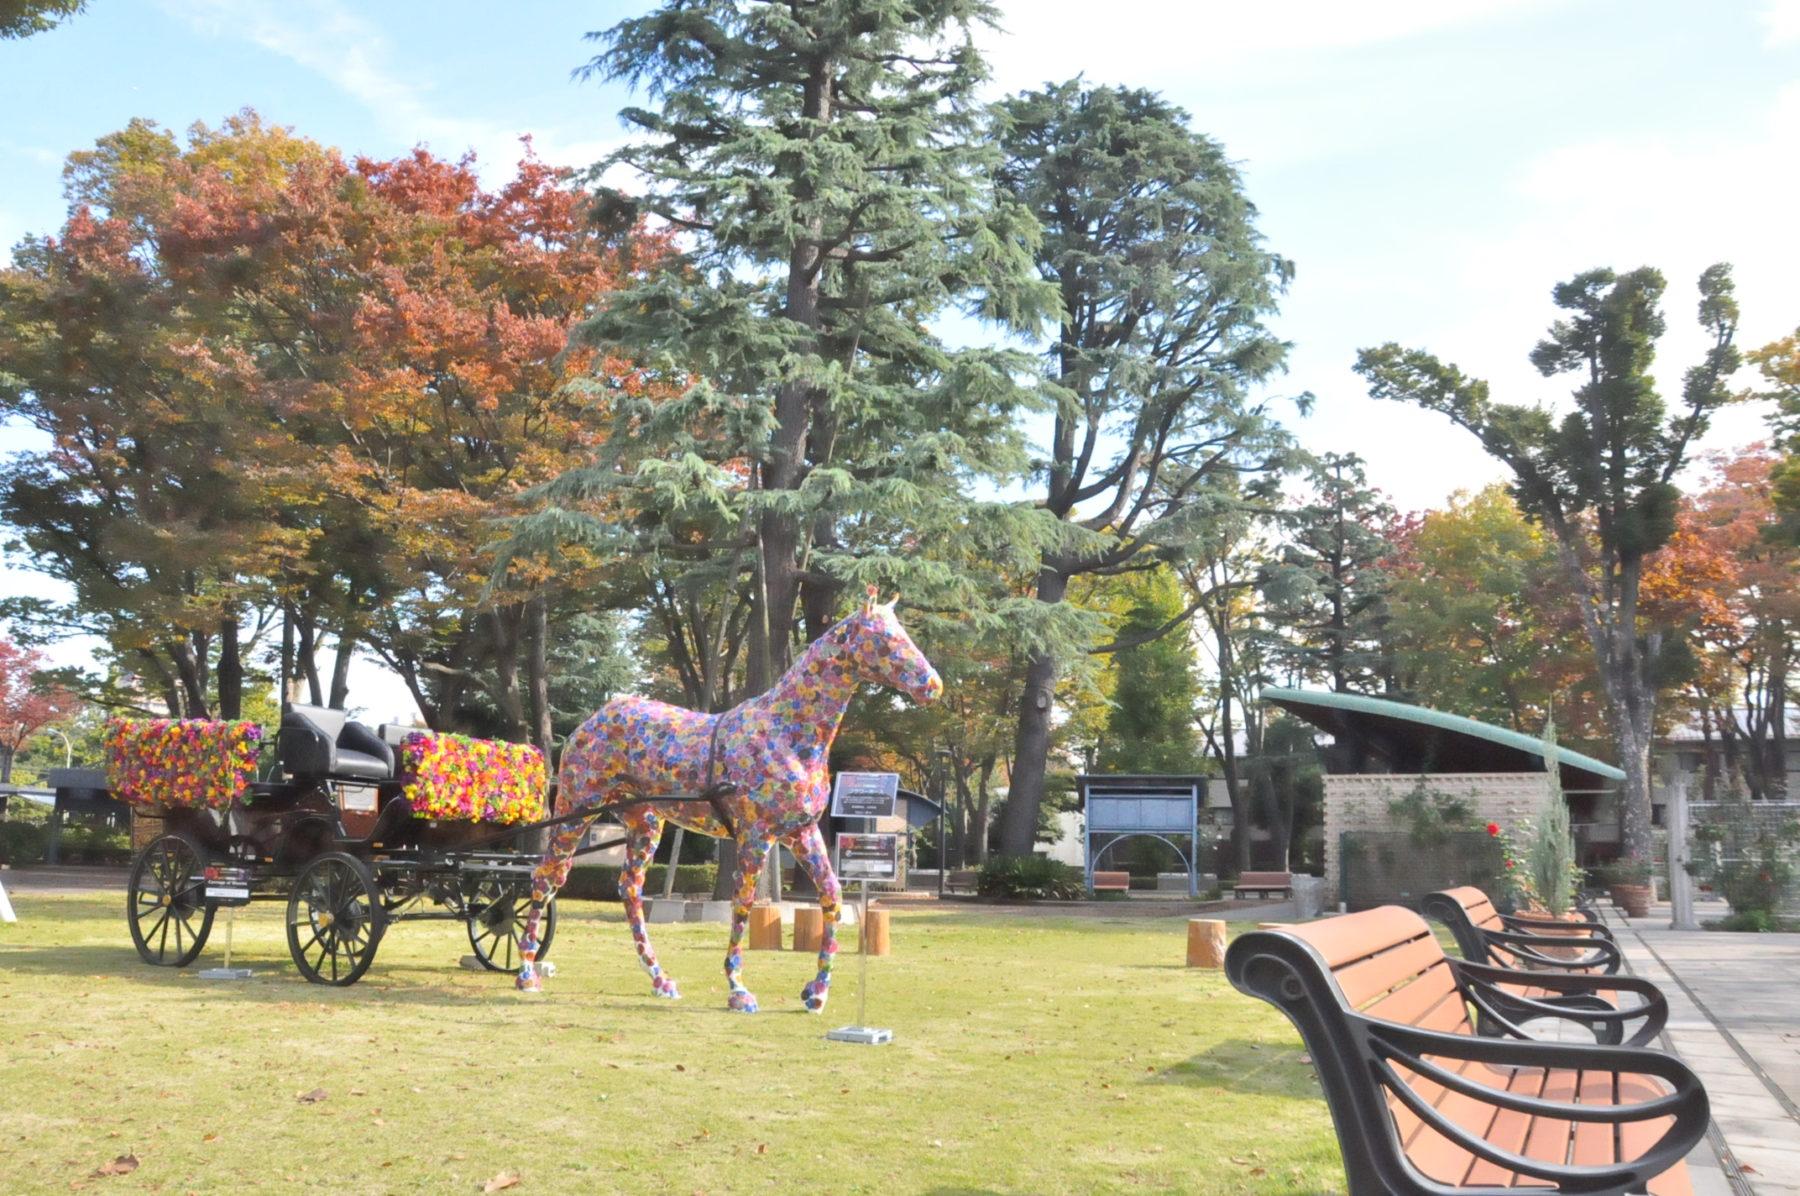 Autumn 8 Colors Fest produced by Nicolai Bergmann Flowers & Design